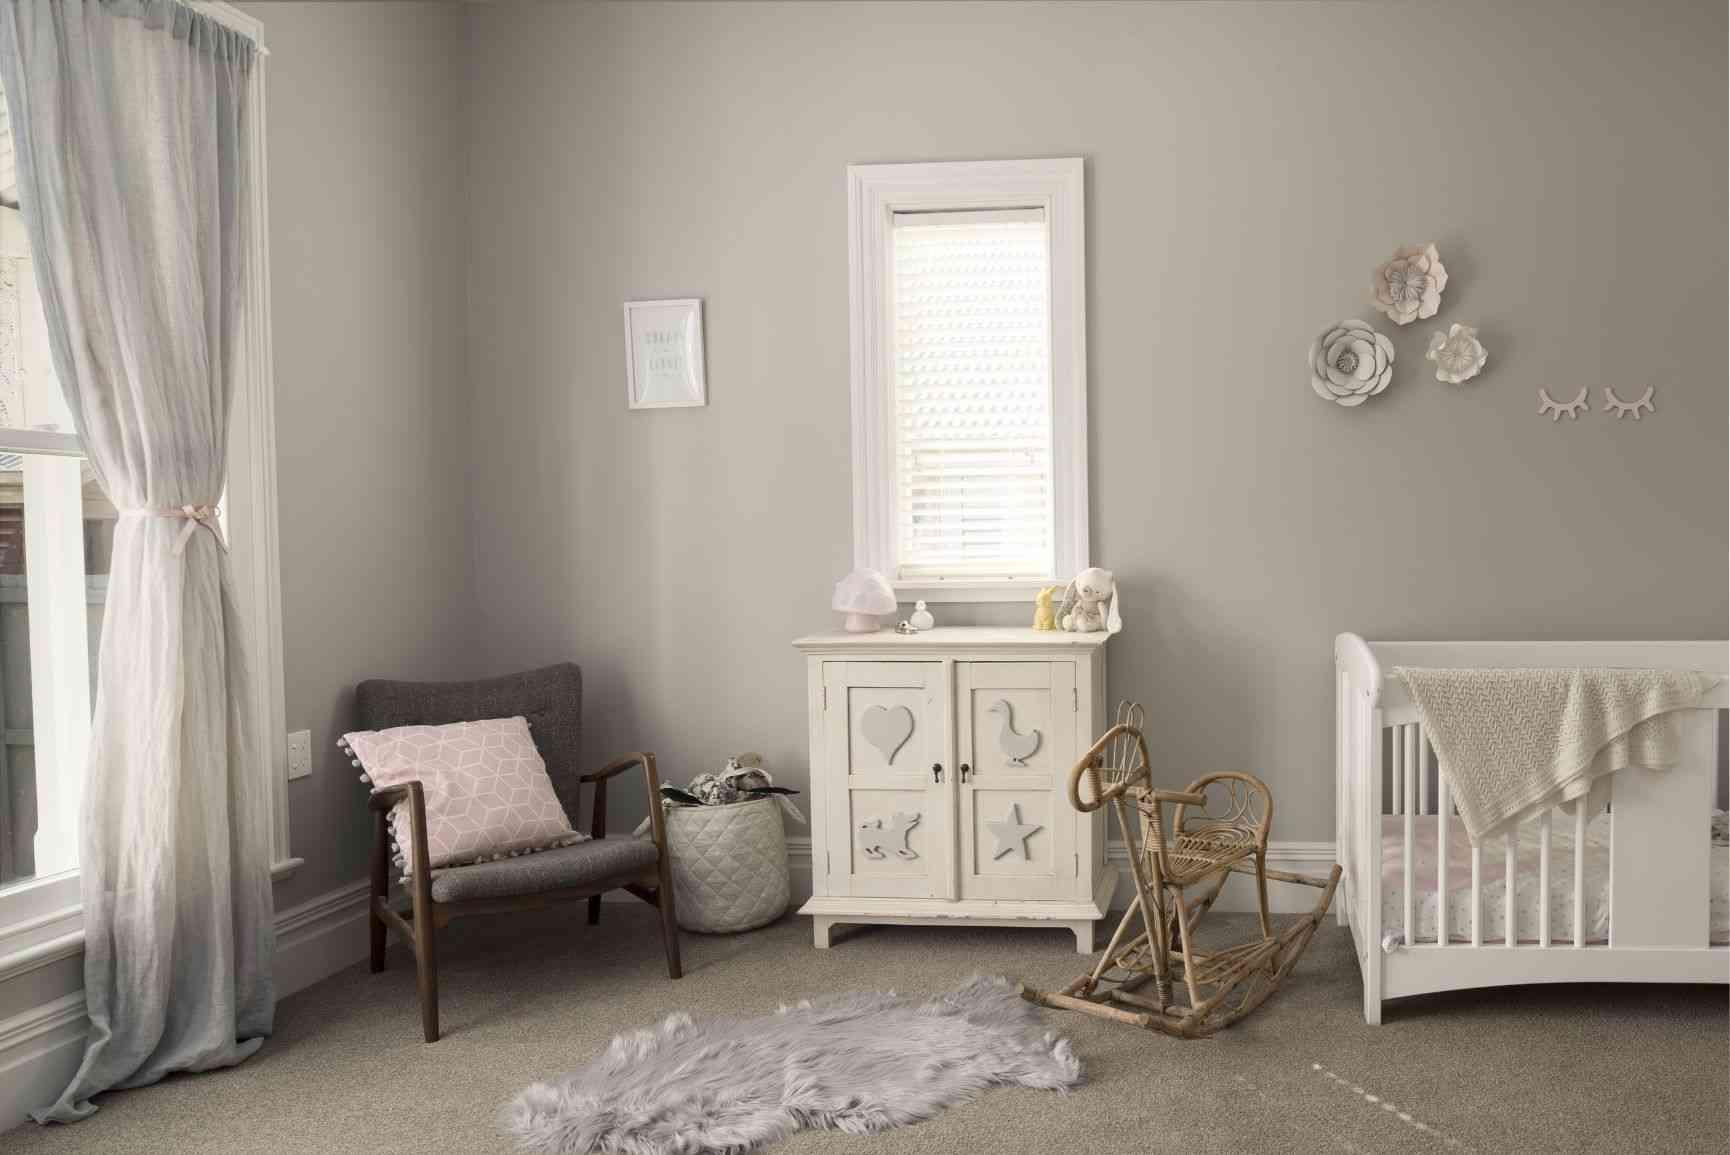 Temas para quarto de bebê masculino - Pixabay